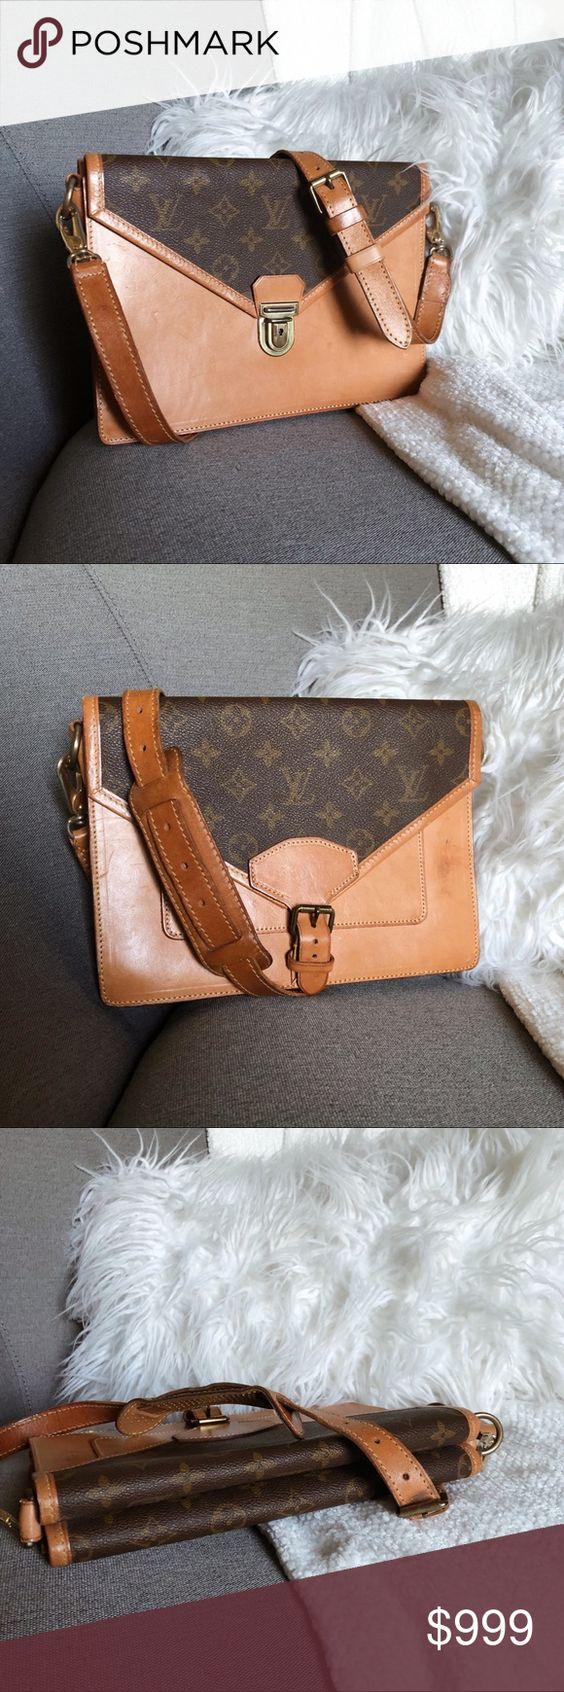 Louis Vuitton Vintage Envelope Sac Biface Bag Bags Vintage Louis Vuitton Vuitton